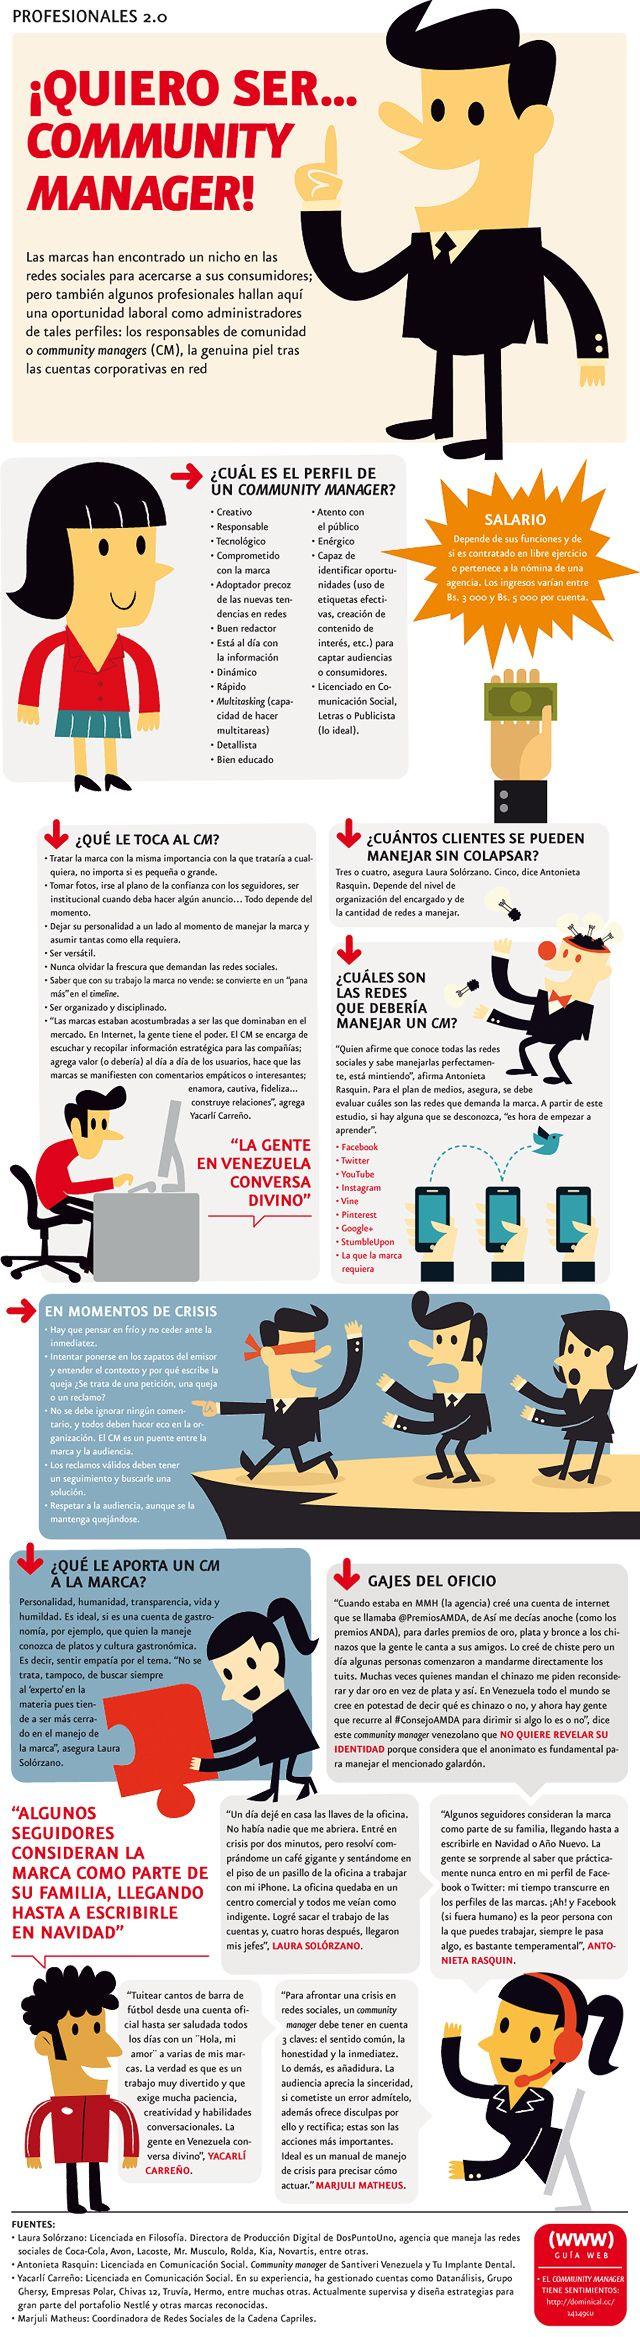 52 Ideas De Community Manager Infografías Socialismo Infografia Redes Sociales